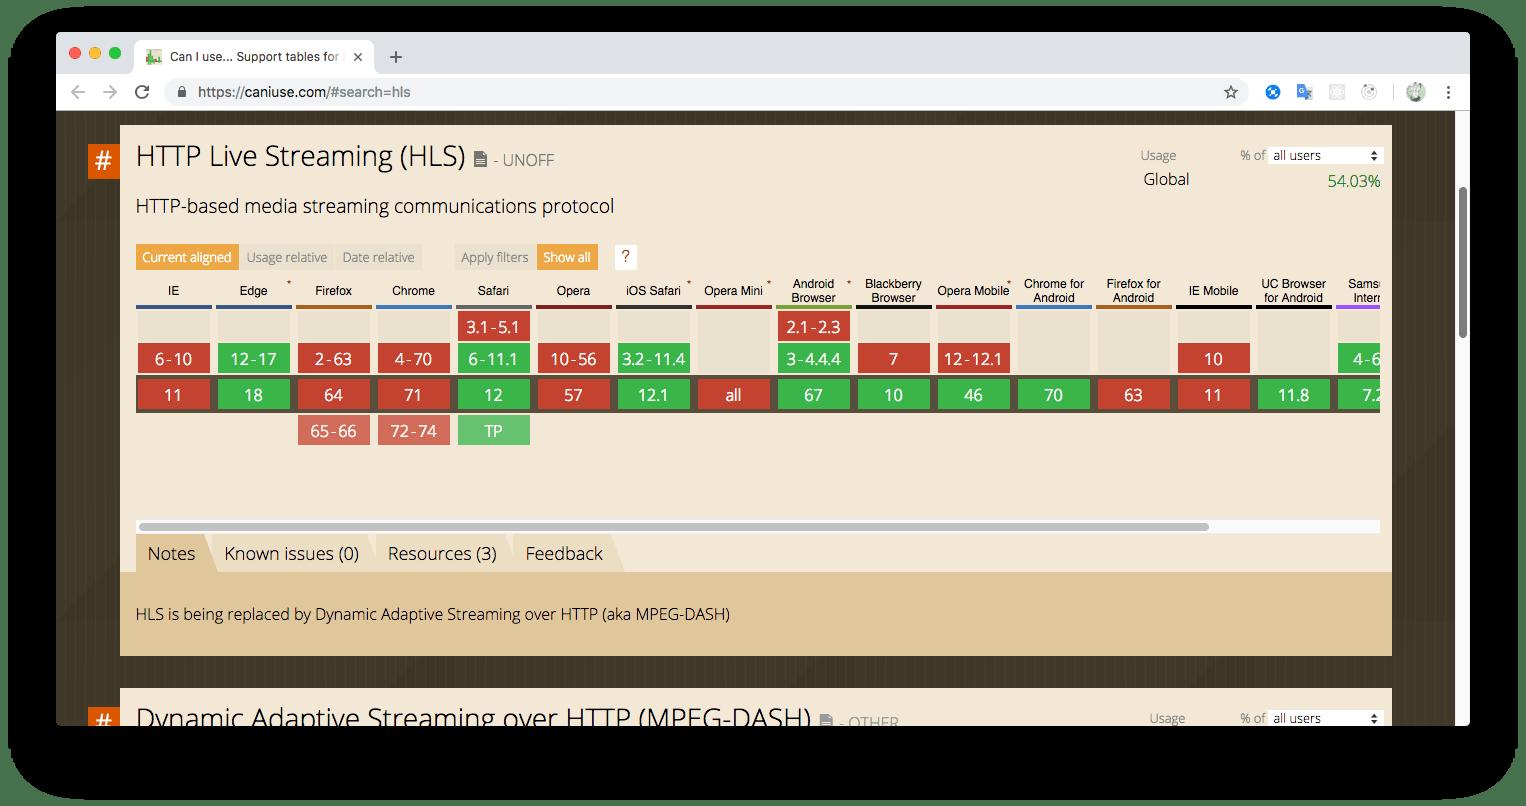 HTTP Live Streaming(HSL) ブラウザ対応状況